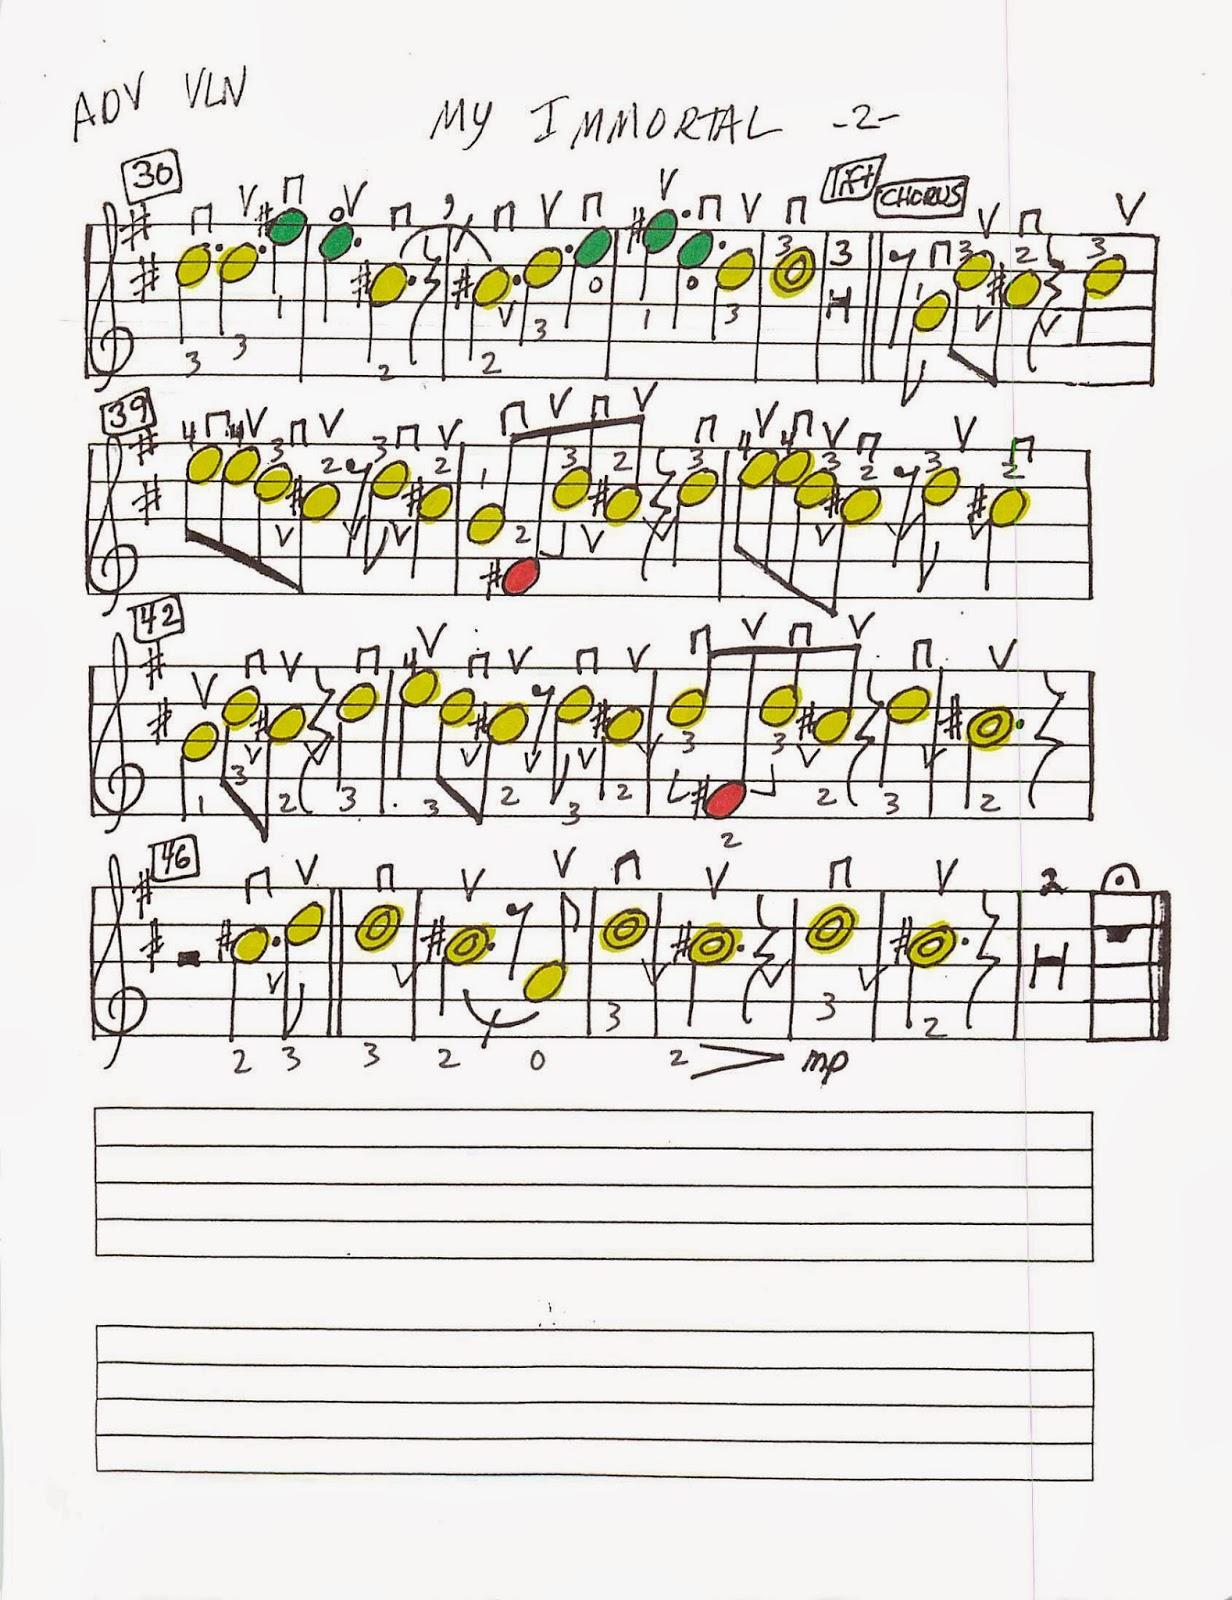 Miss Jacobsonu0026#39;s Music: MY IMMORTAL